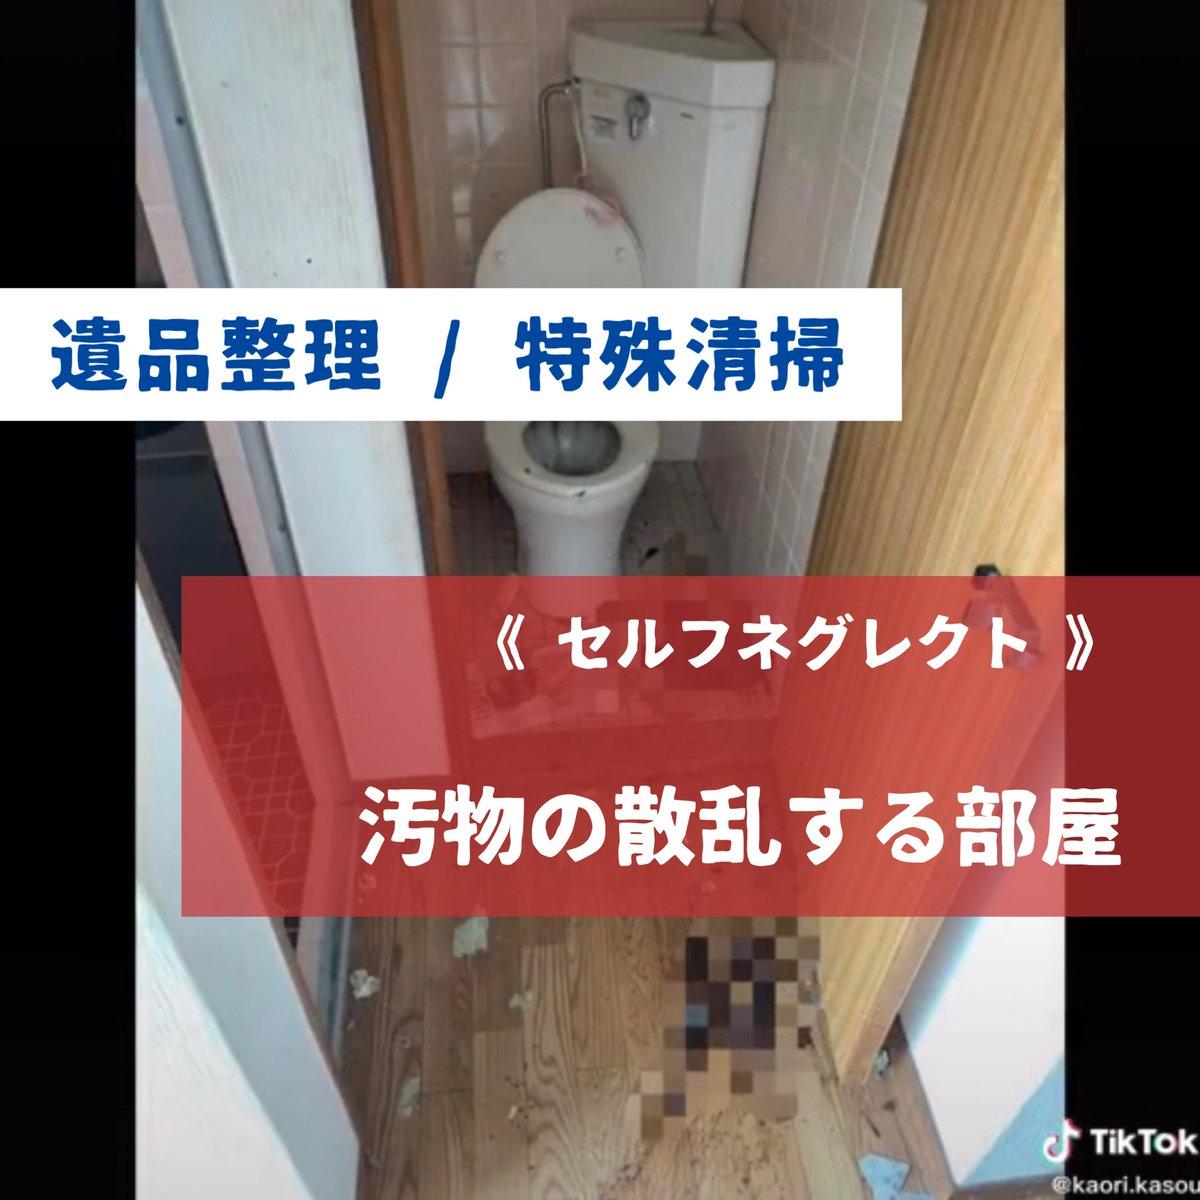 汚物が散乱する部屋 / セルフネグレクト / 大阪府柏原市にて【遺品整理】を行いました  @YouTubeより